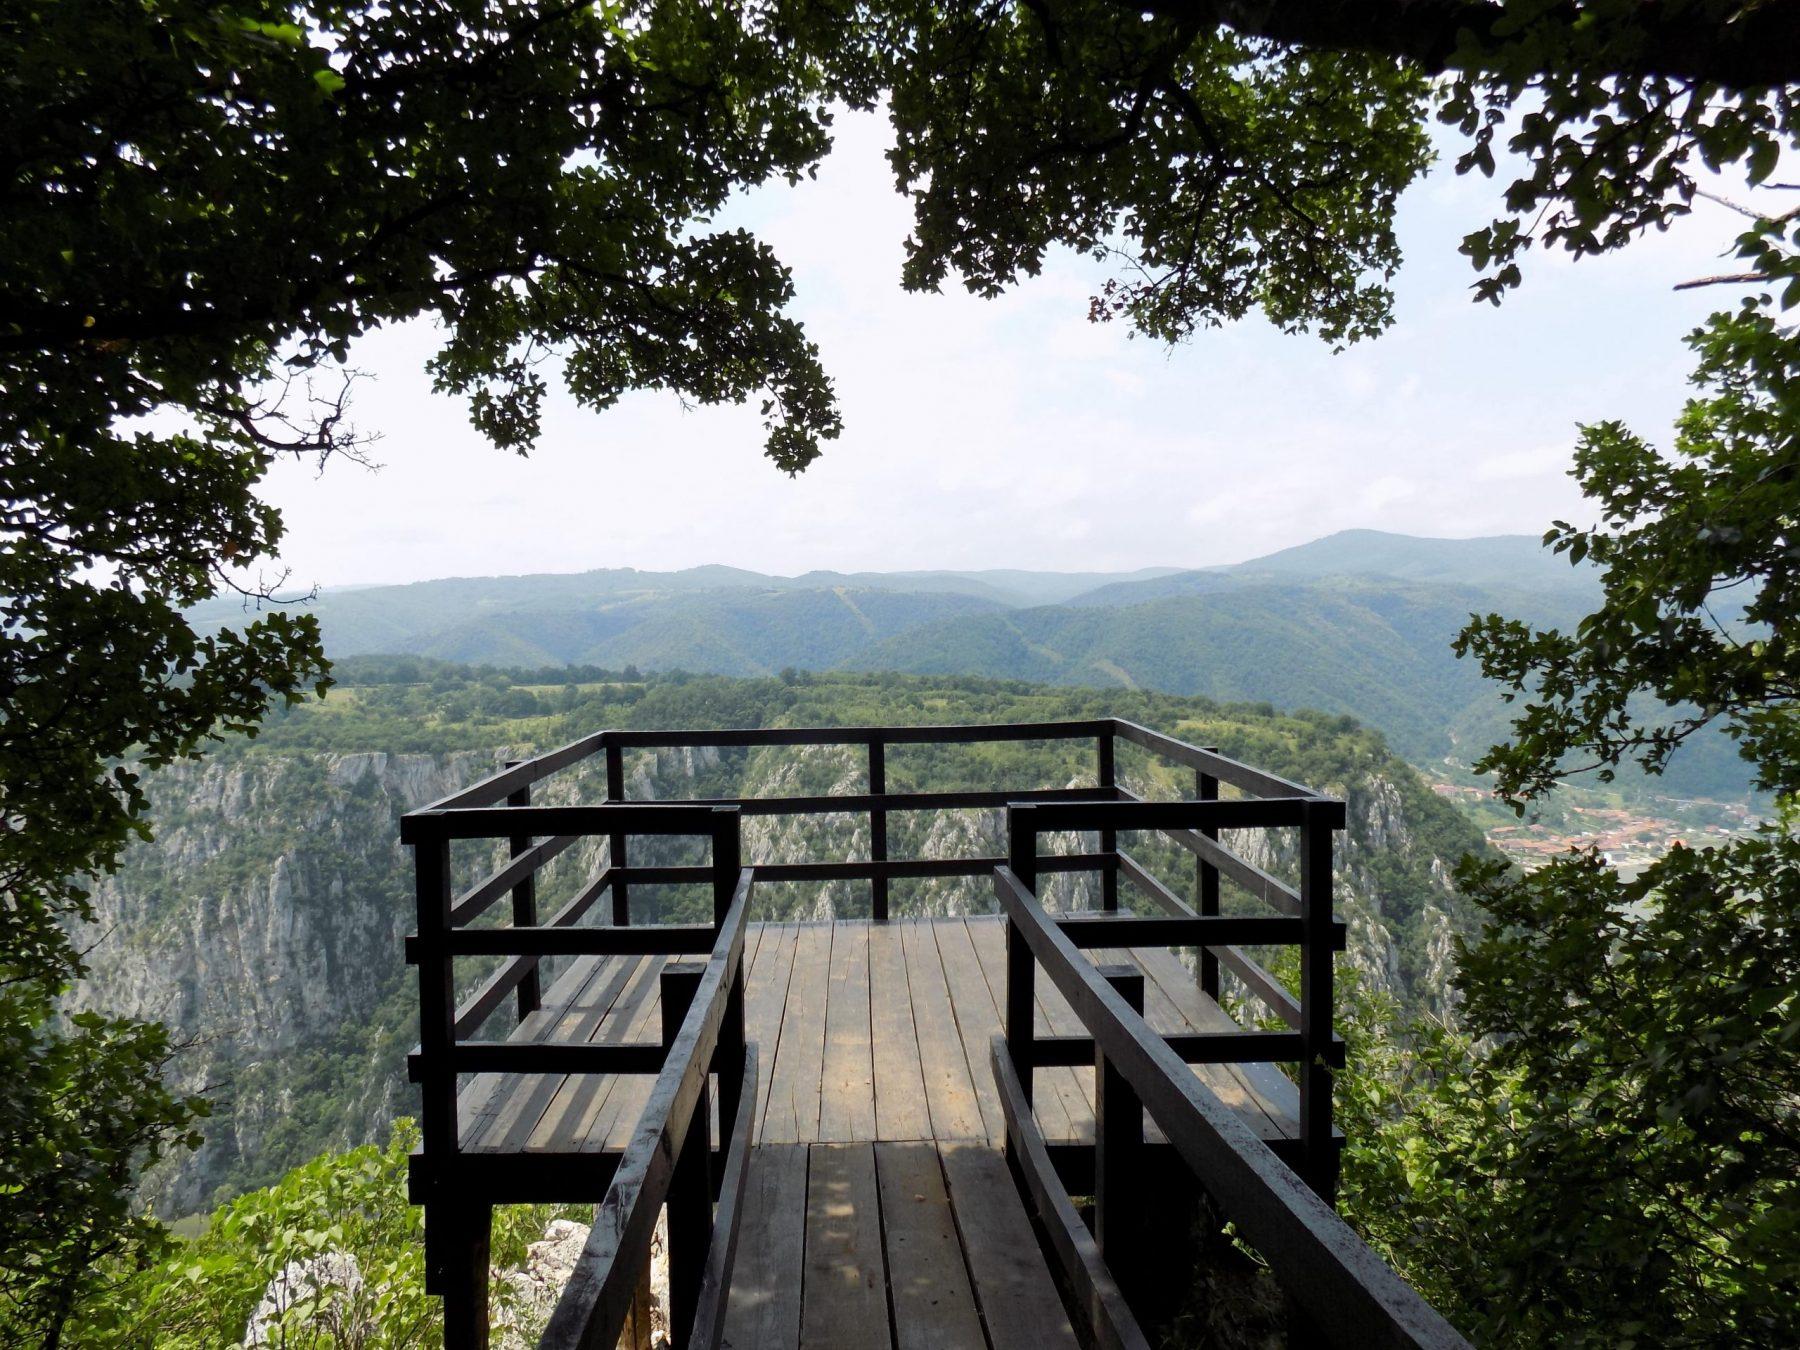 Miroč hiking